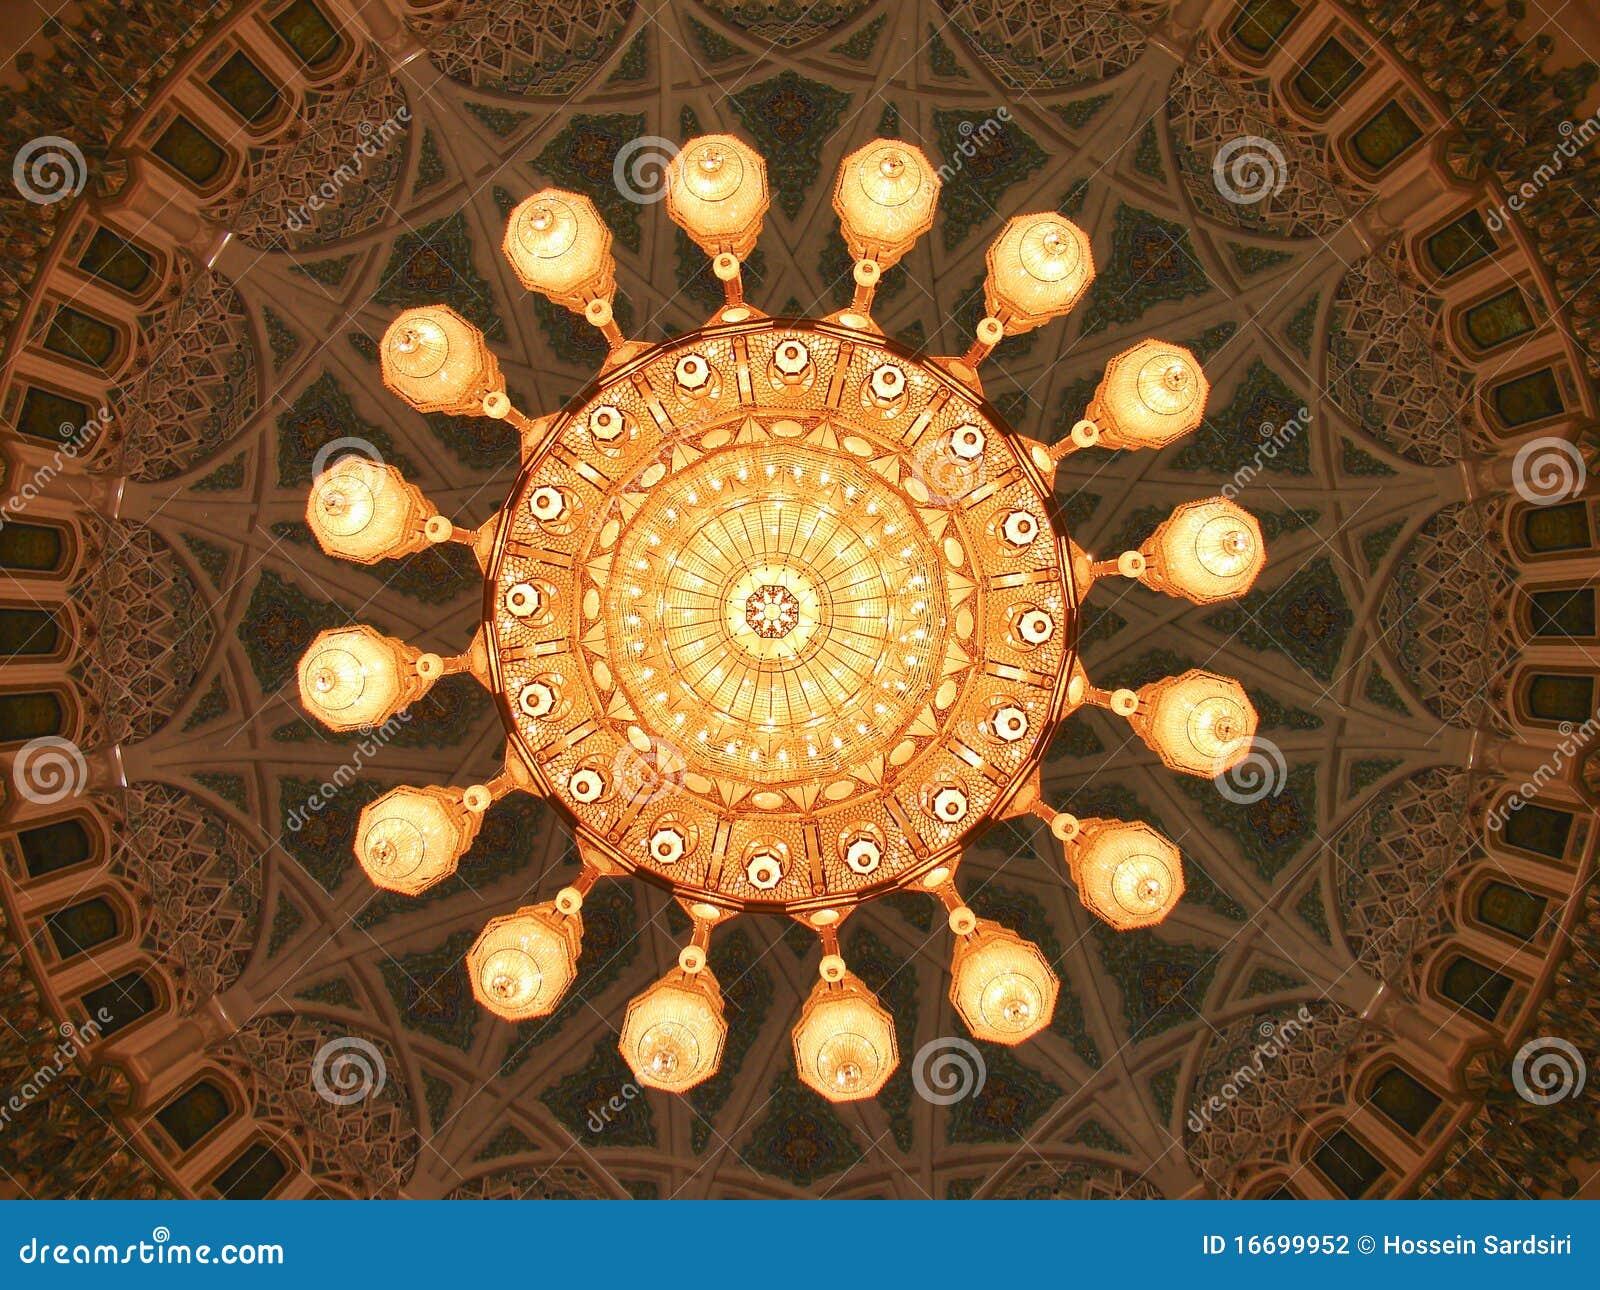 Sultan Qaboos Grand Mosque Interior Dome Stock